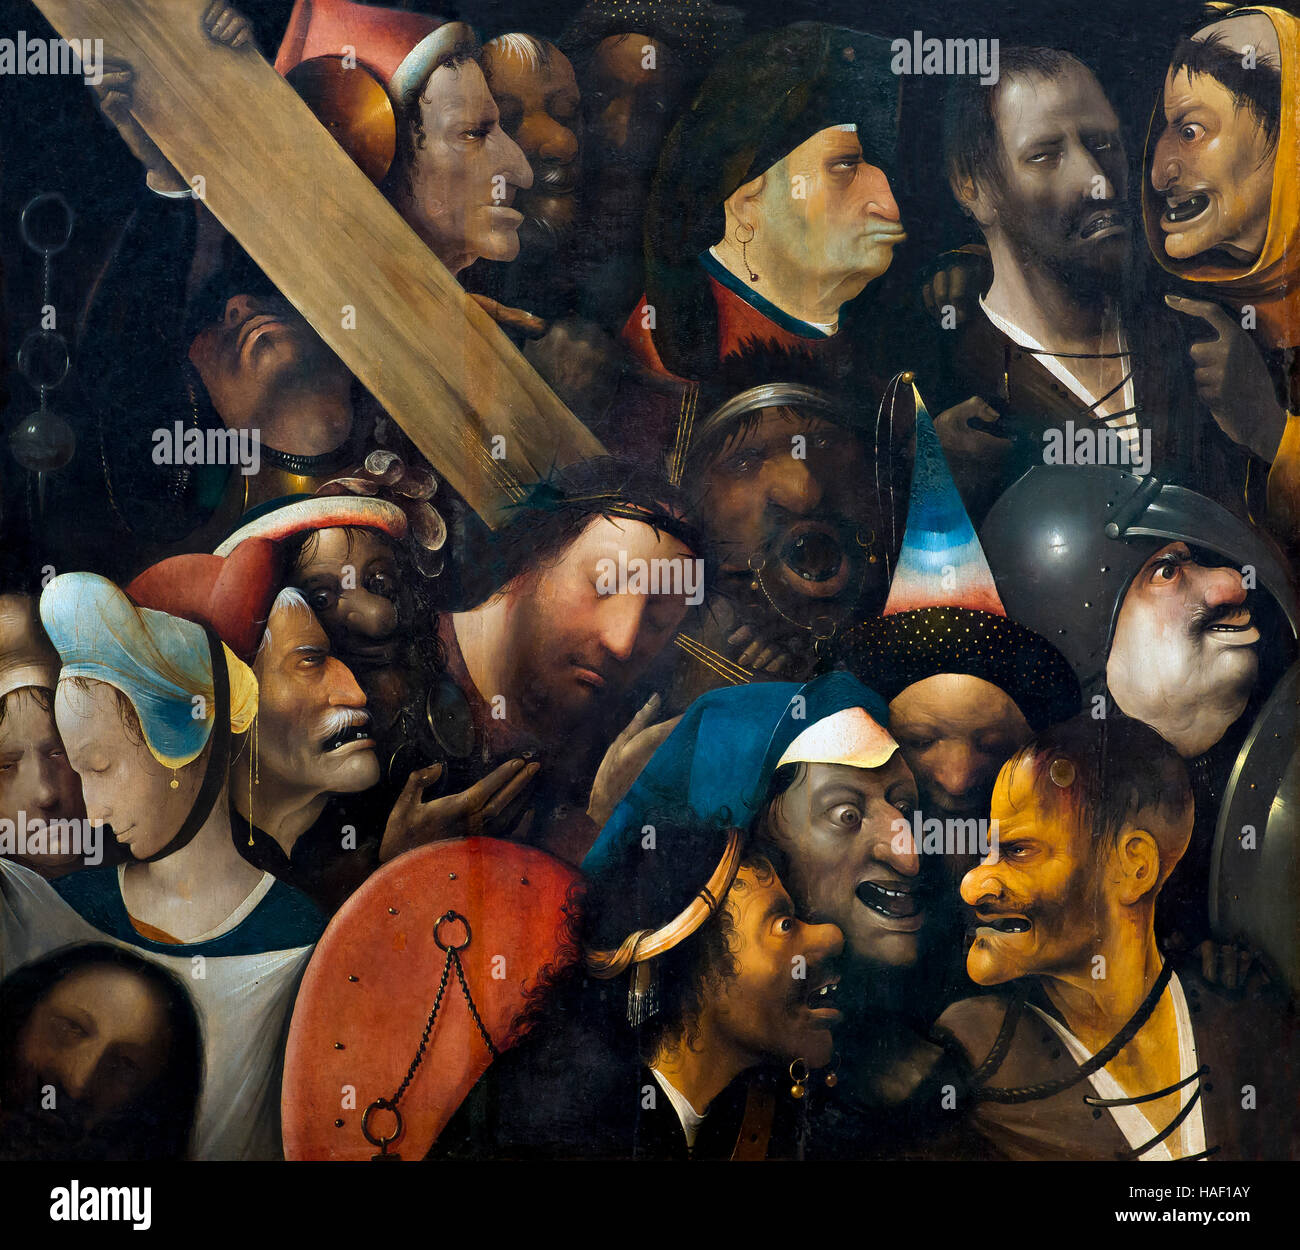 Le Christ portant la croix, de Jérôme Bosch, vers 1510-16, Musée des Beaux-Arts, Gand, Belgique, Flandre occidentale, Banque D'Images